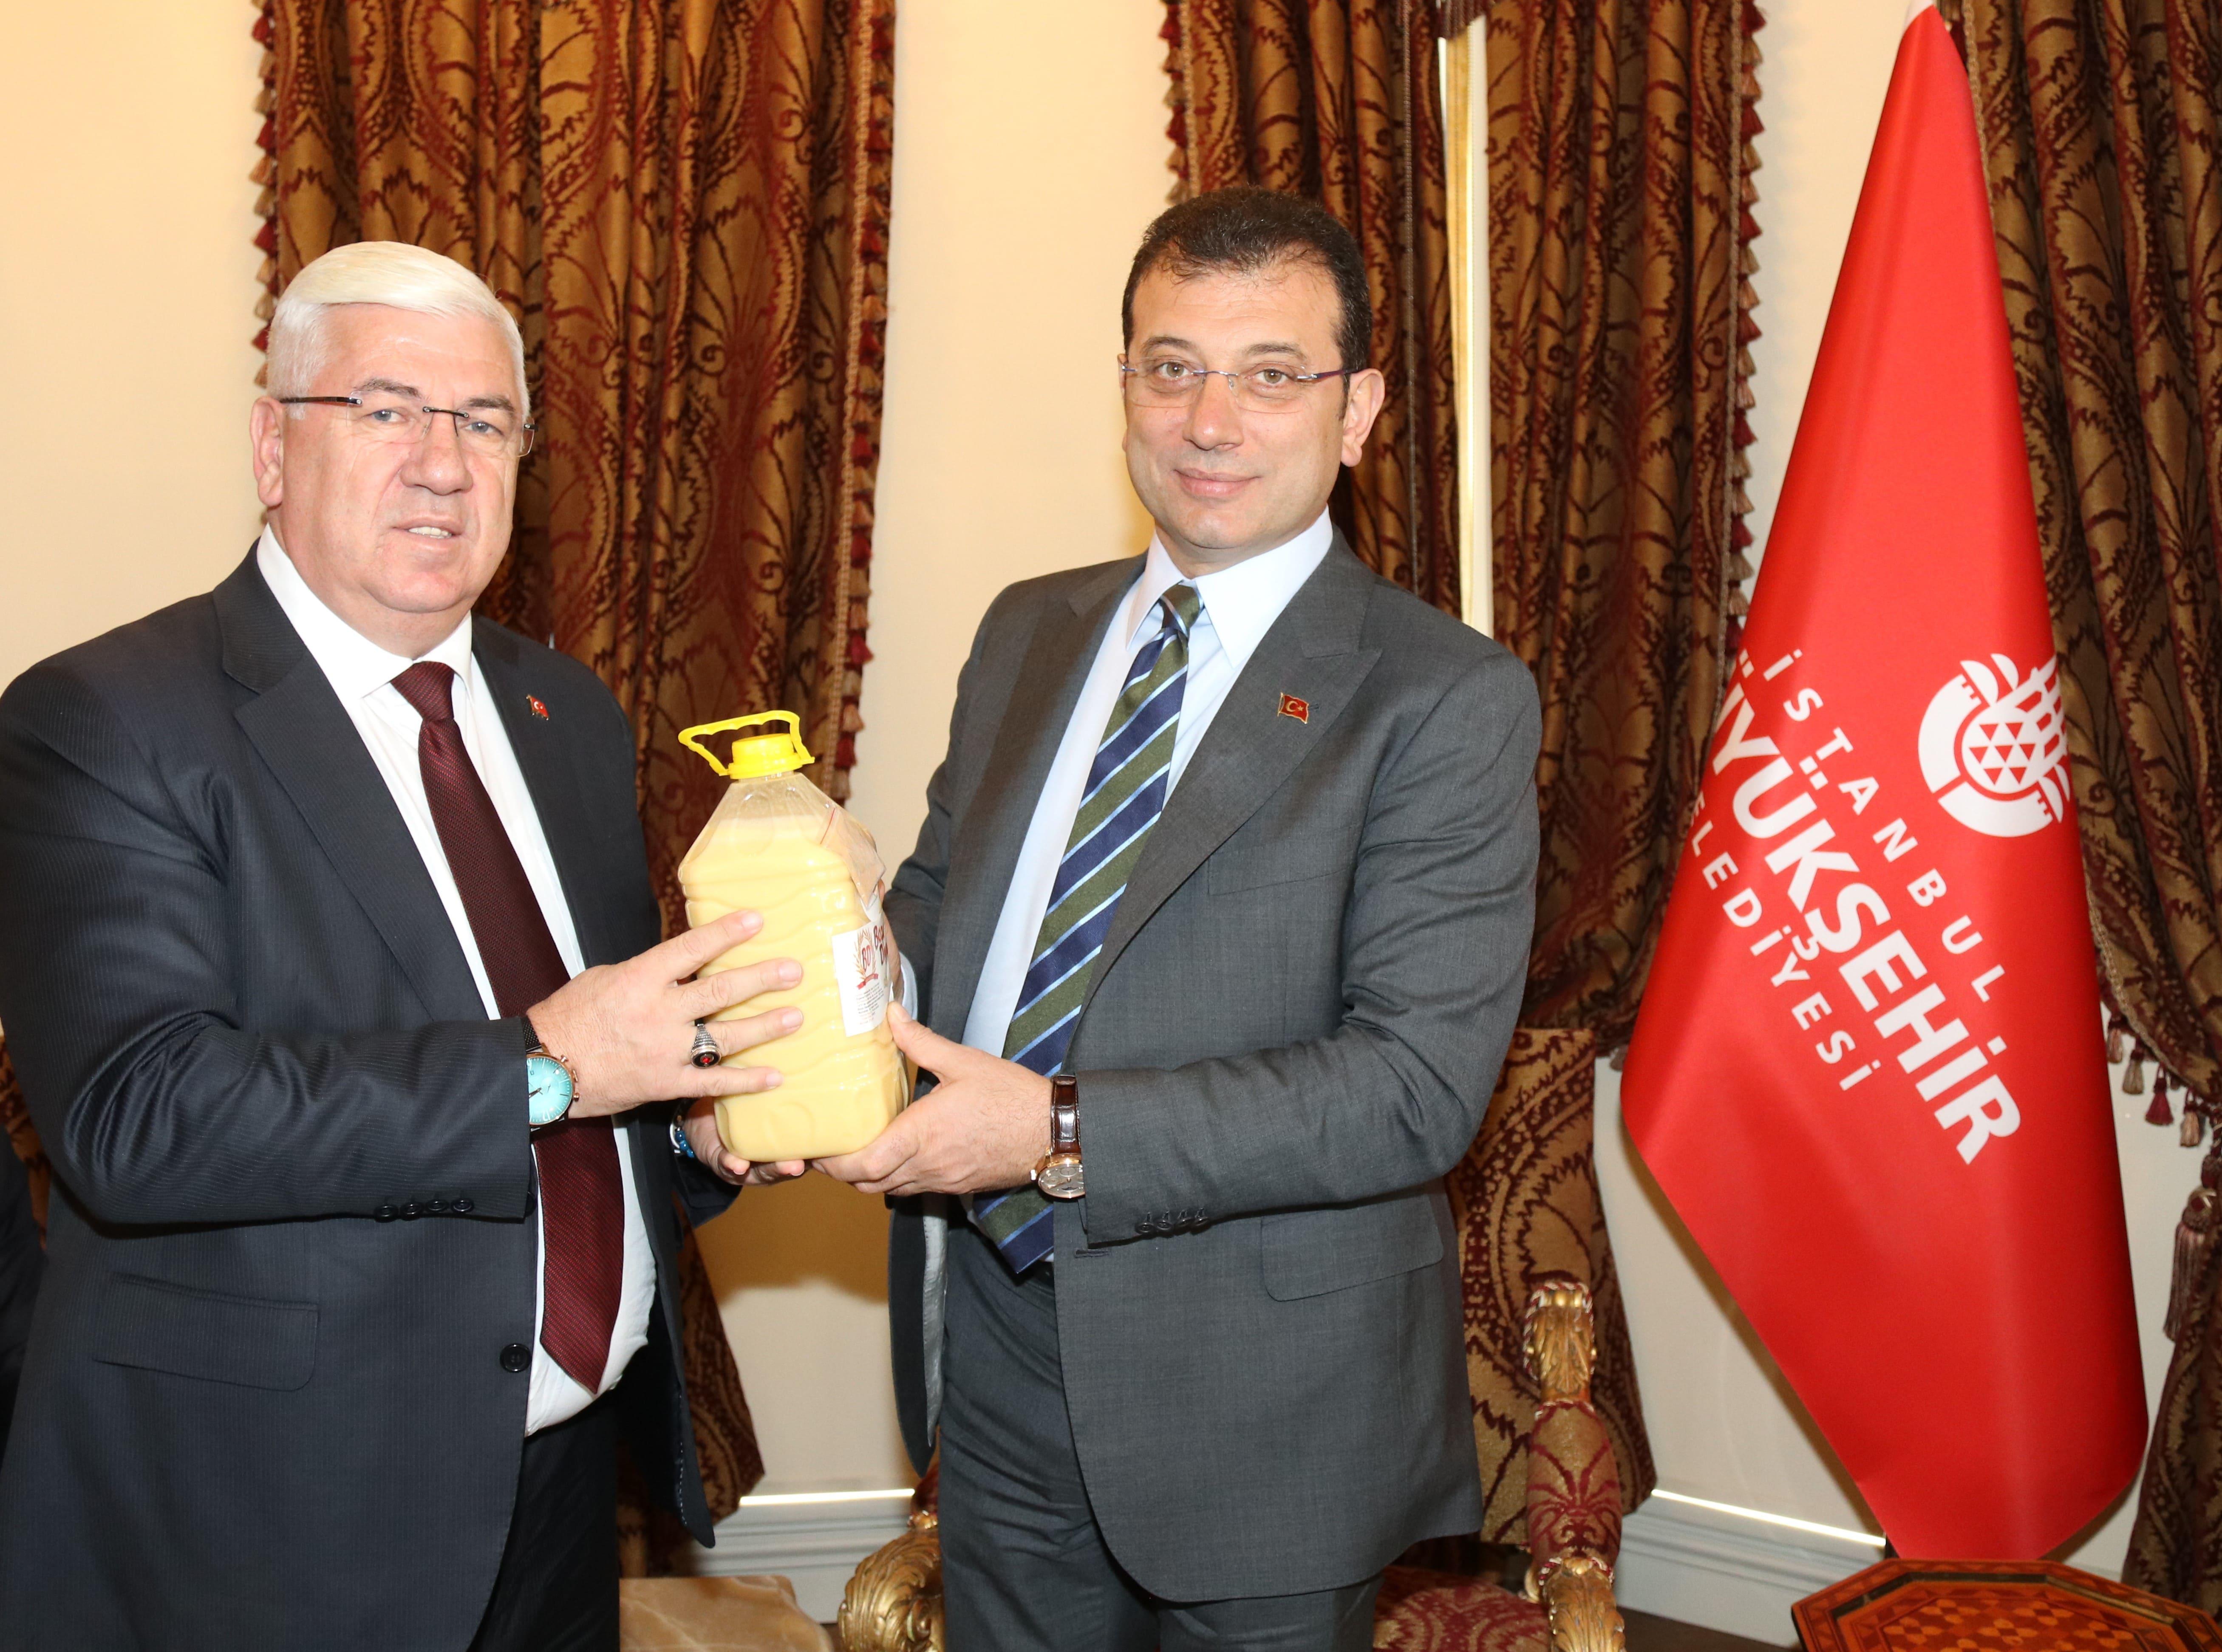 Başkan Yüksel İstanbul Büyükşehir Belediye Başkanı Ekrem İmamoğlu'nu Ziyaret Etti